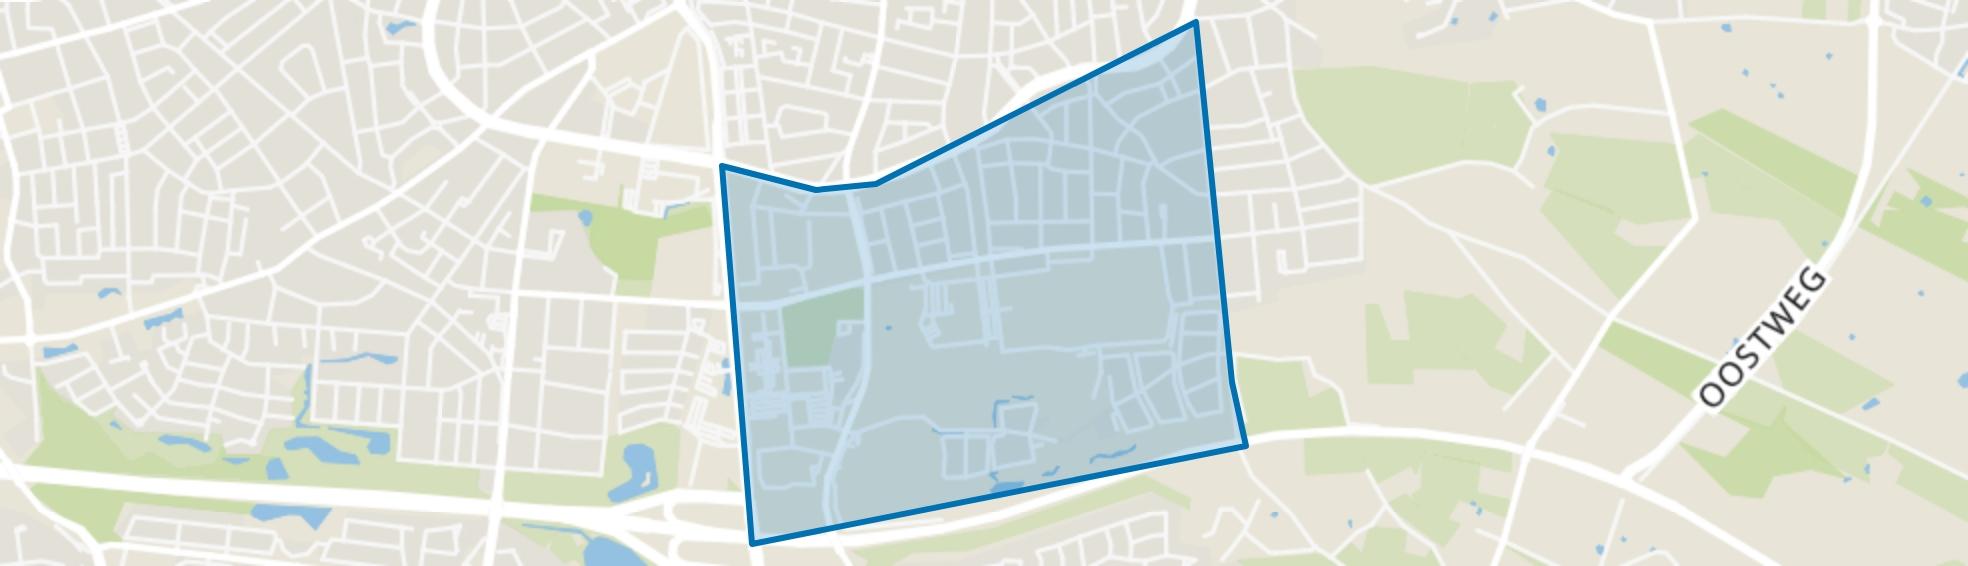 Varvik-Diekman, Enschede map